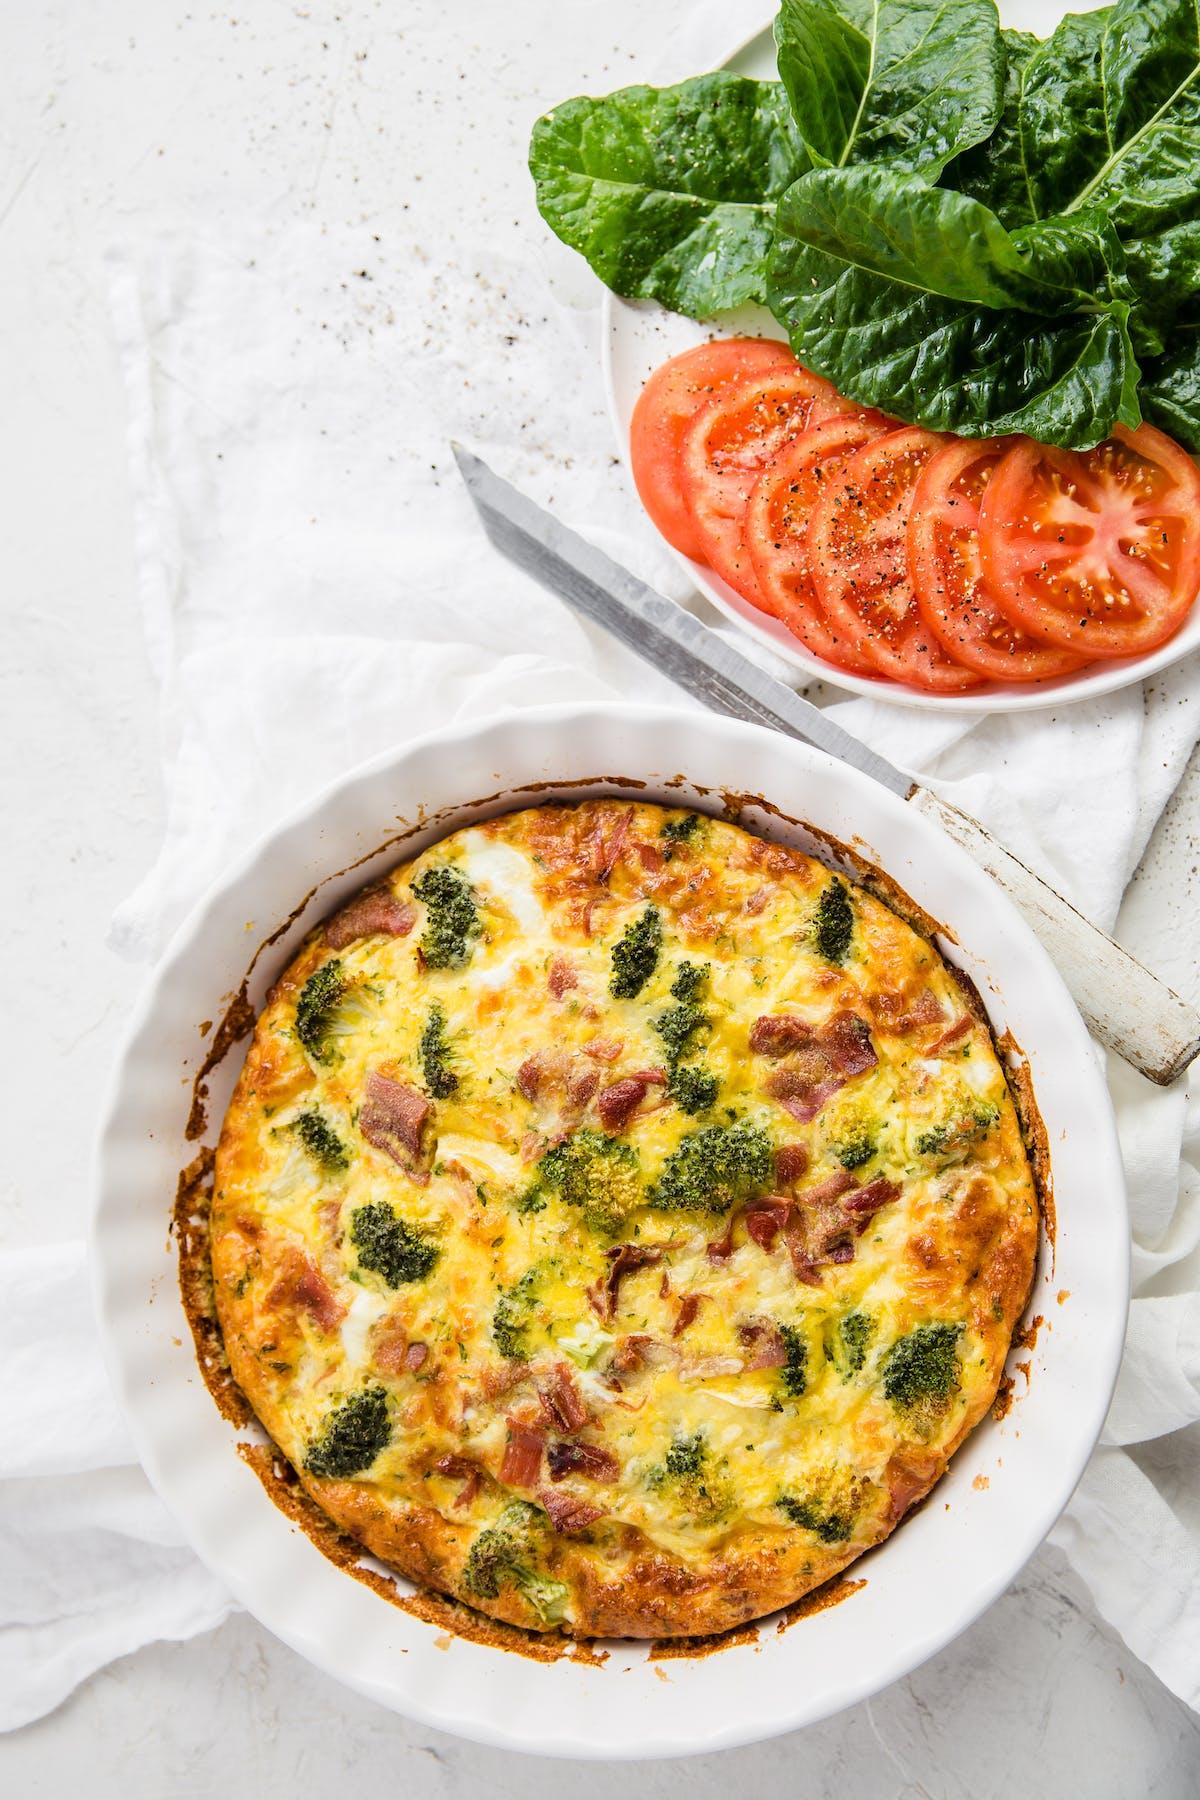 LCHF-paj med broccoli och bacon utan pajskal